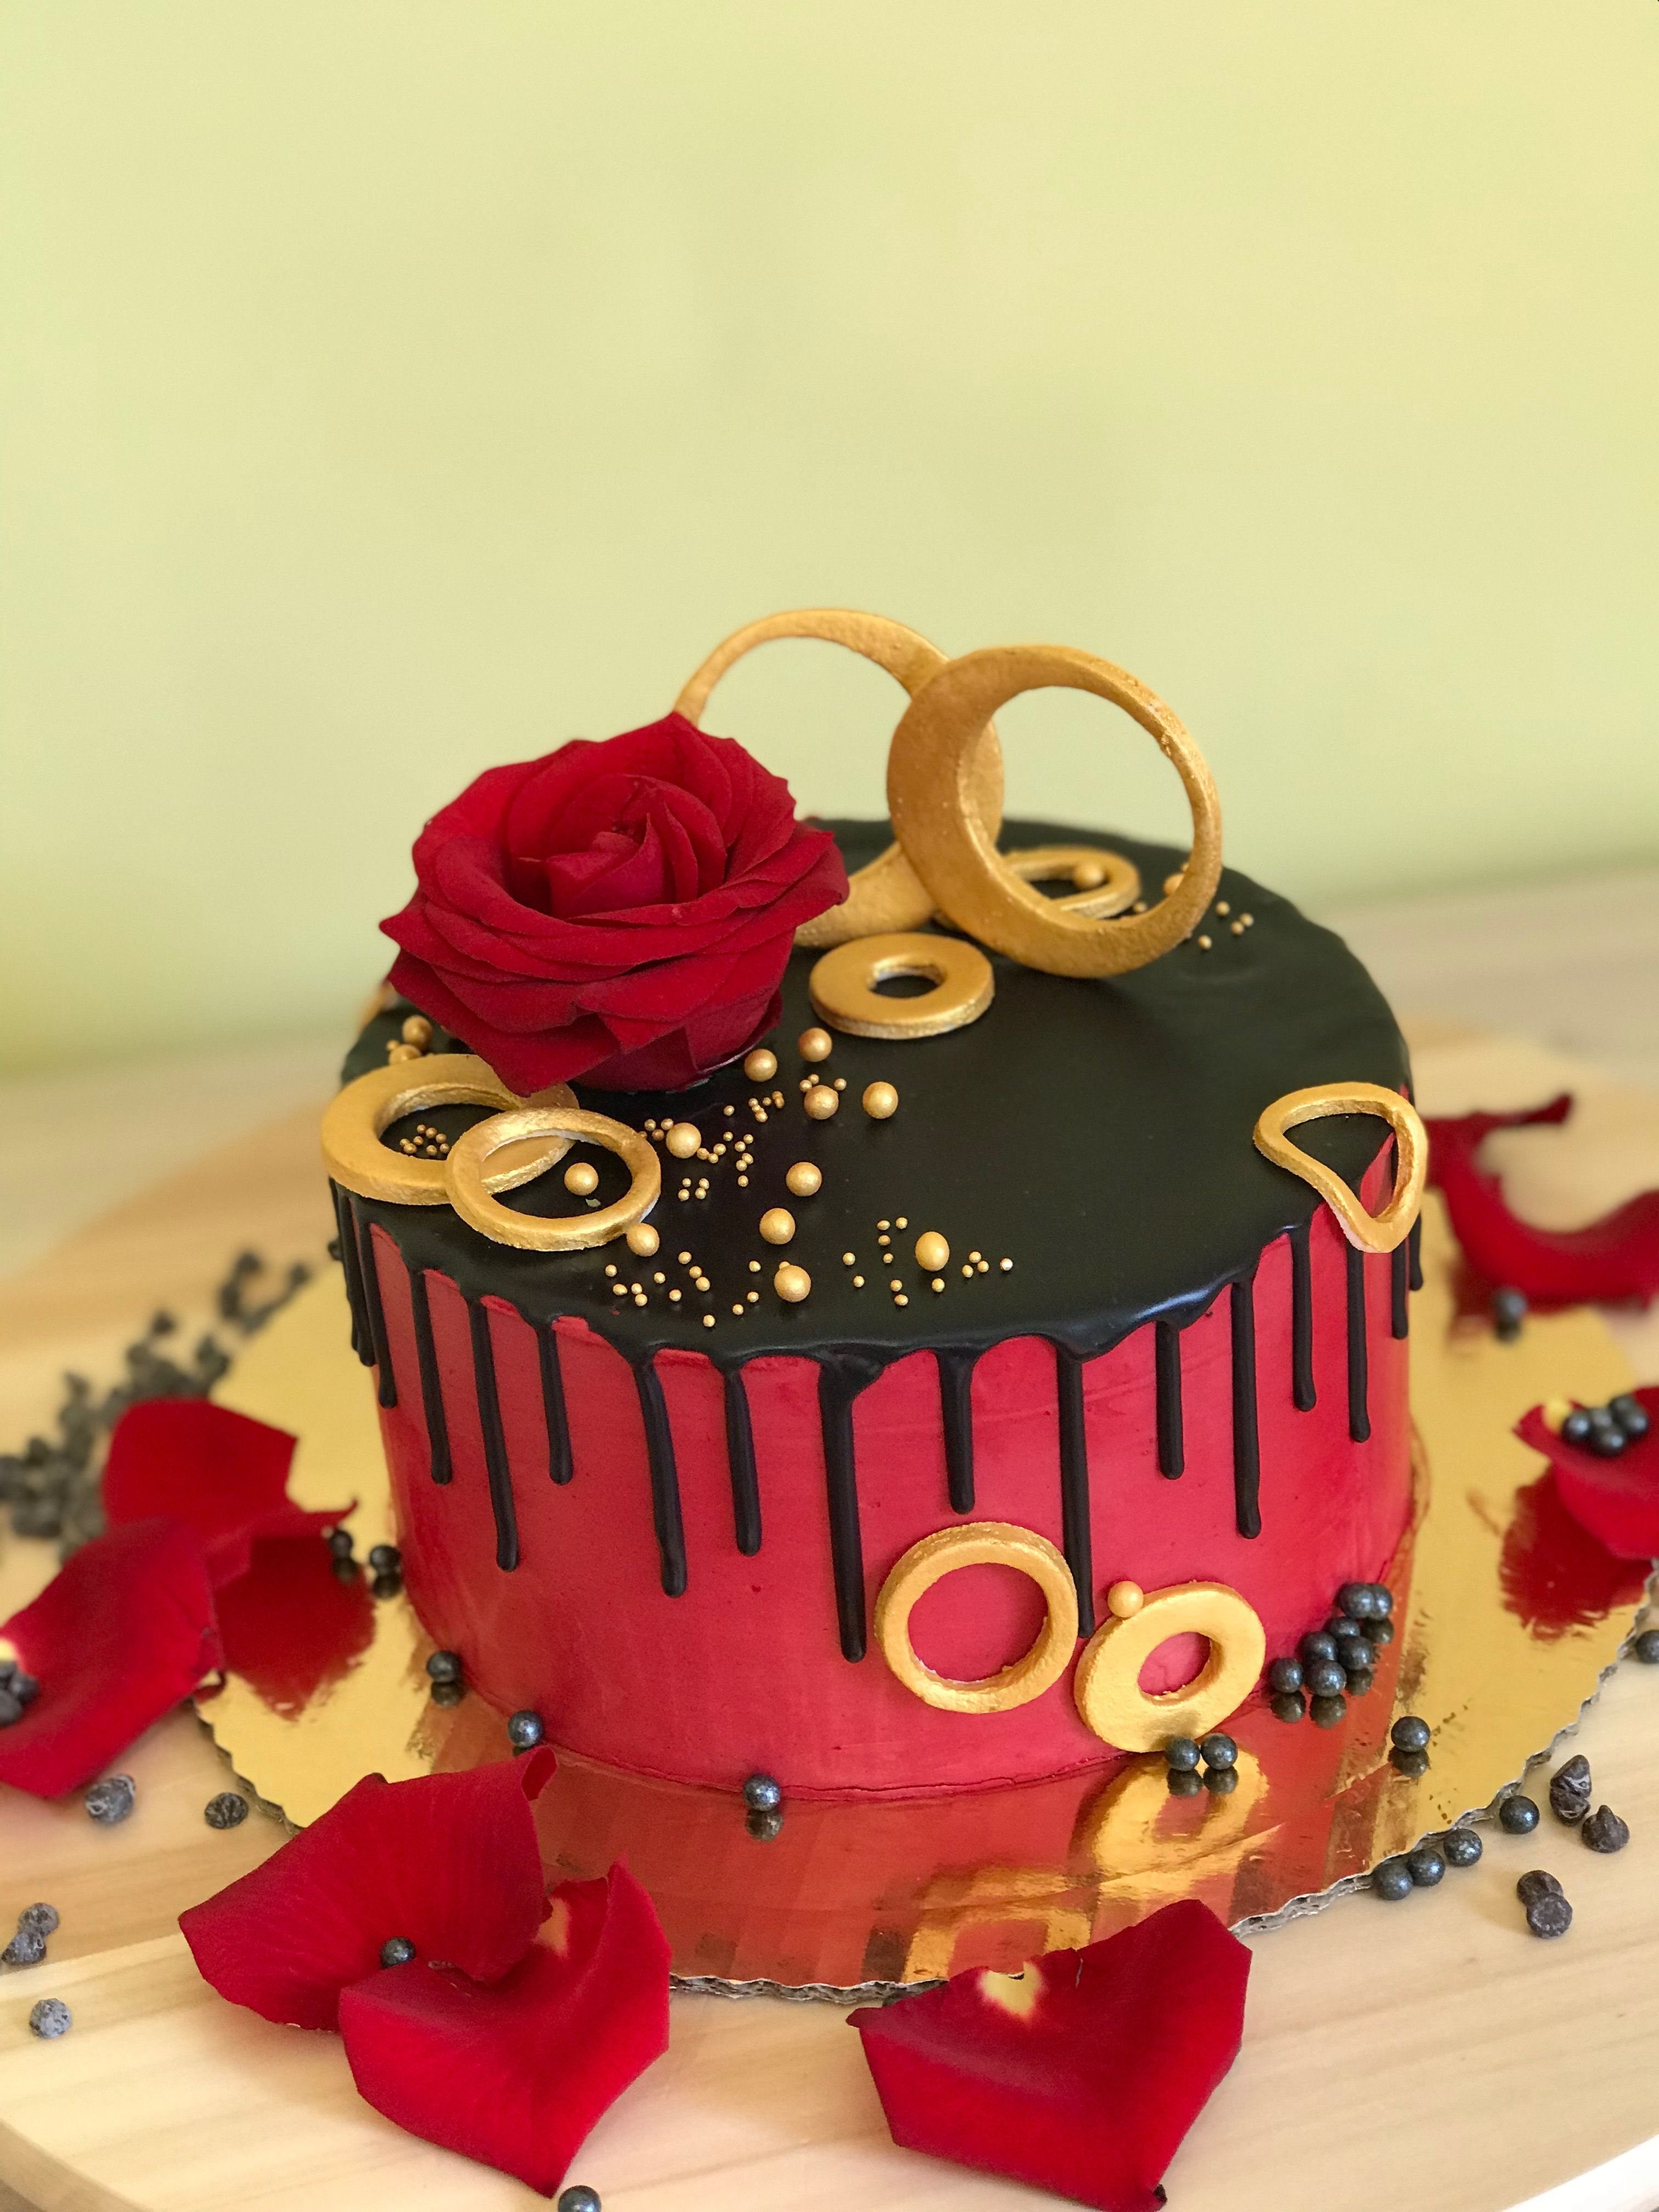 Tort Urodzinowy Zywe Kwiaty Cake Red Black Tort Czerwono Czarny Desserts Birthday Cake Cake